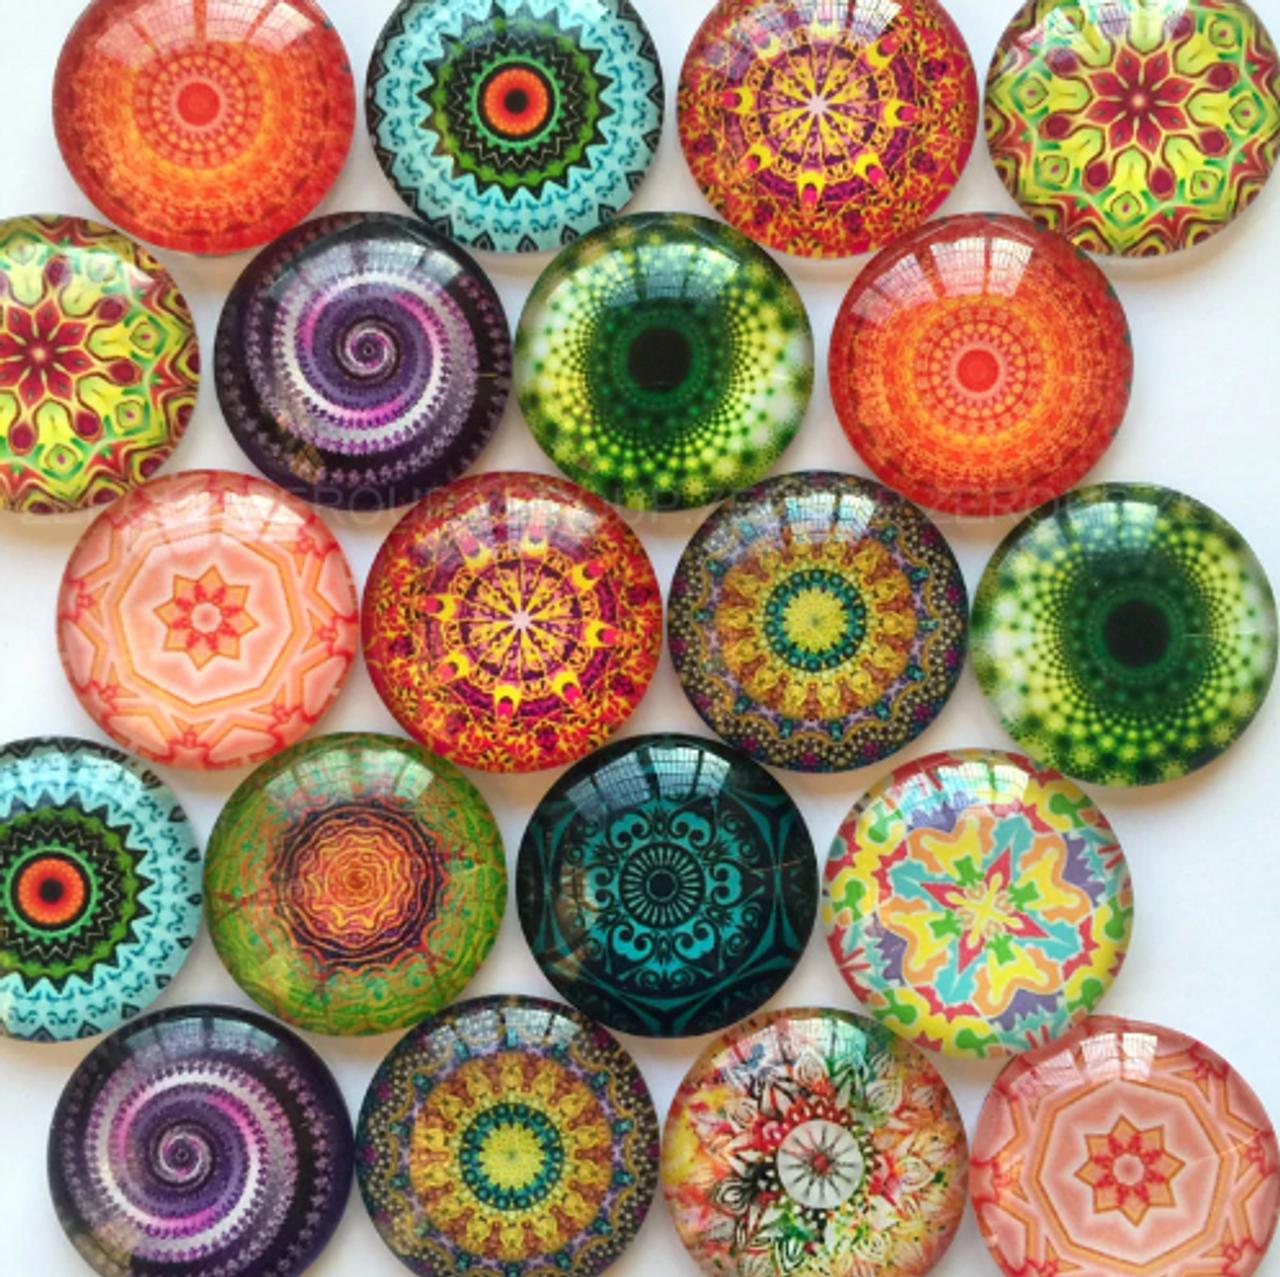 20 Kaleidoscope Swirl  25mm Round Glass Cabochons